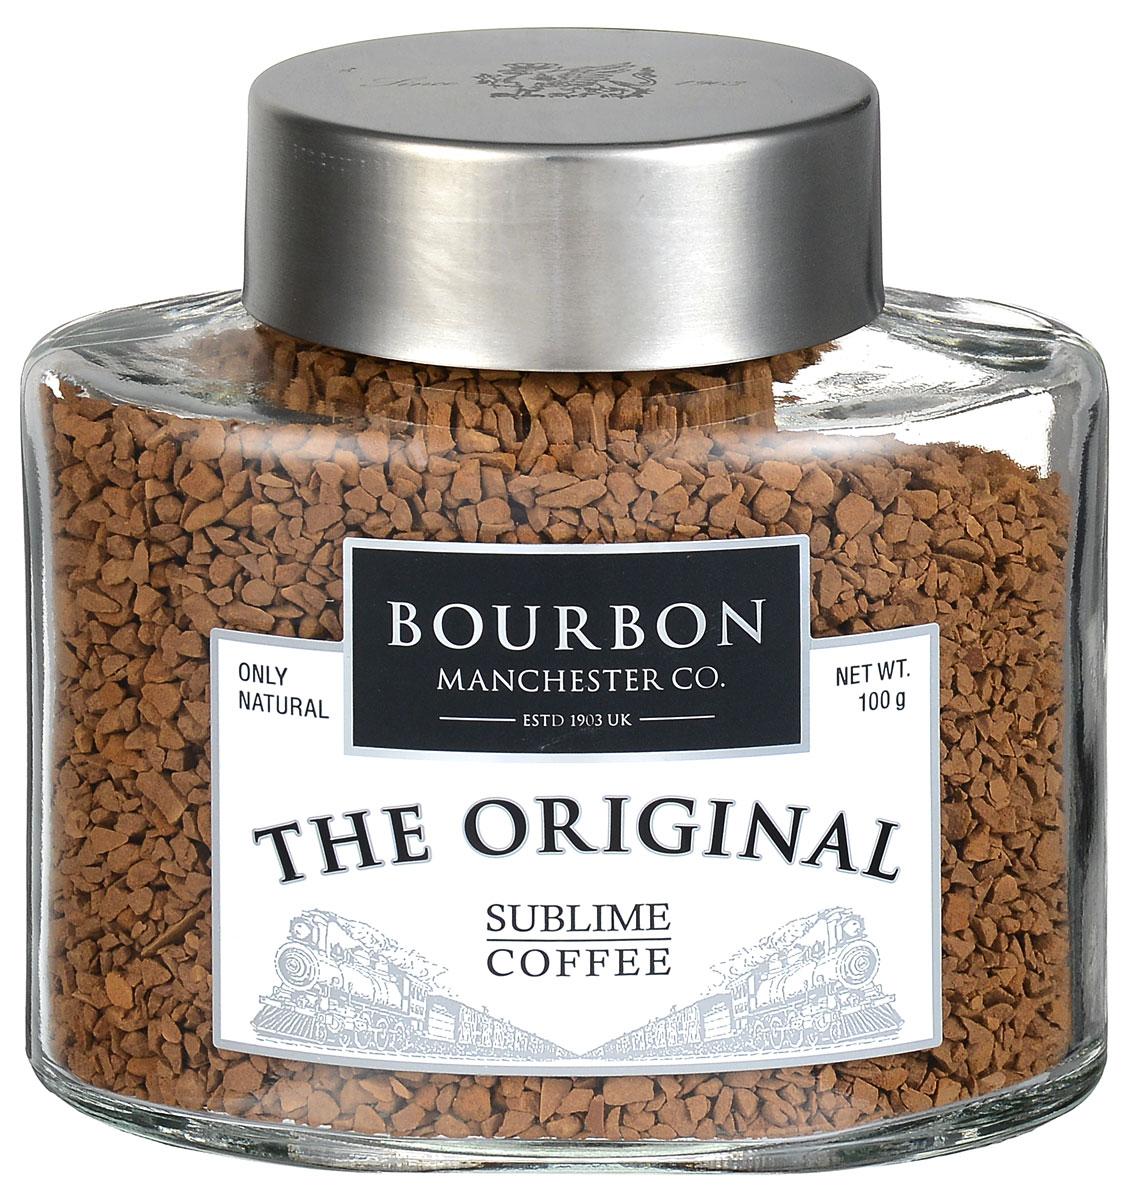 Bourbon Original кофе растворимый, 100 г jane austen note cards